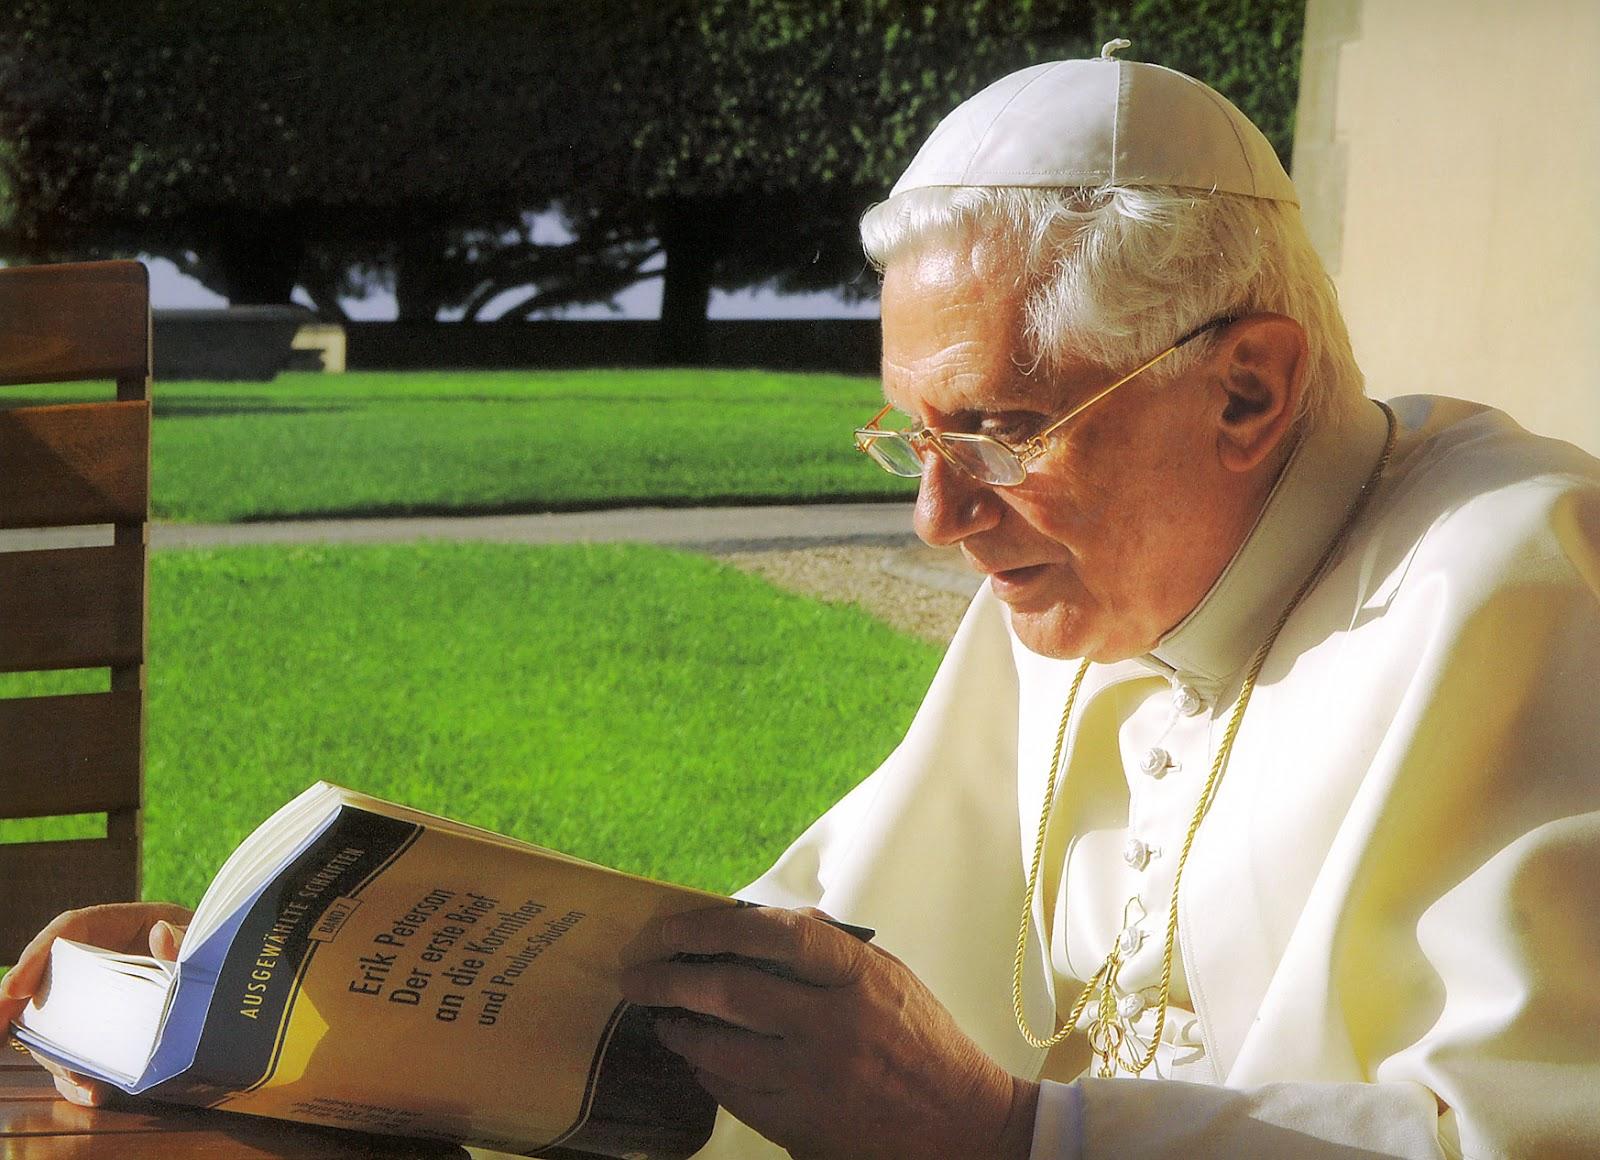 benedicto XVI castelgandolfo enciclicas oraciones exhortaciones apostolicas krouillong sacrilegio comunion en la mano 73